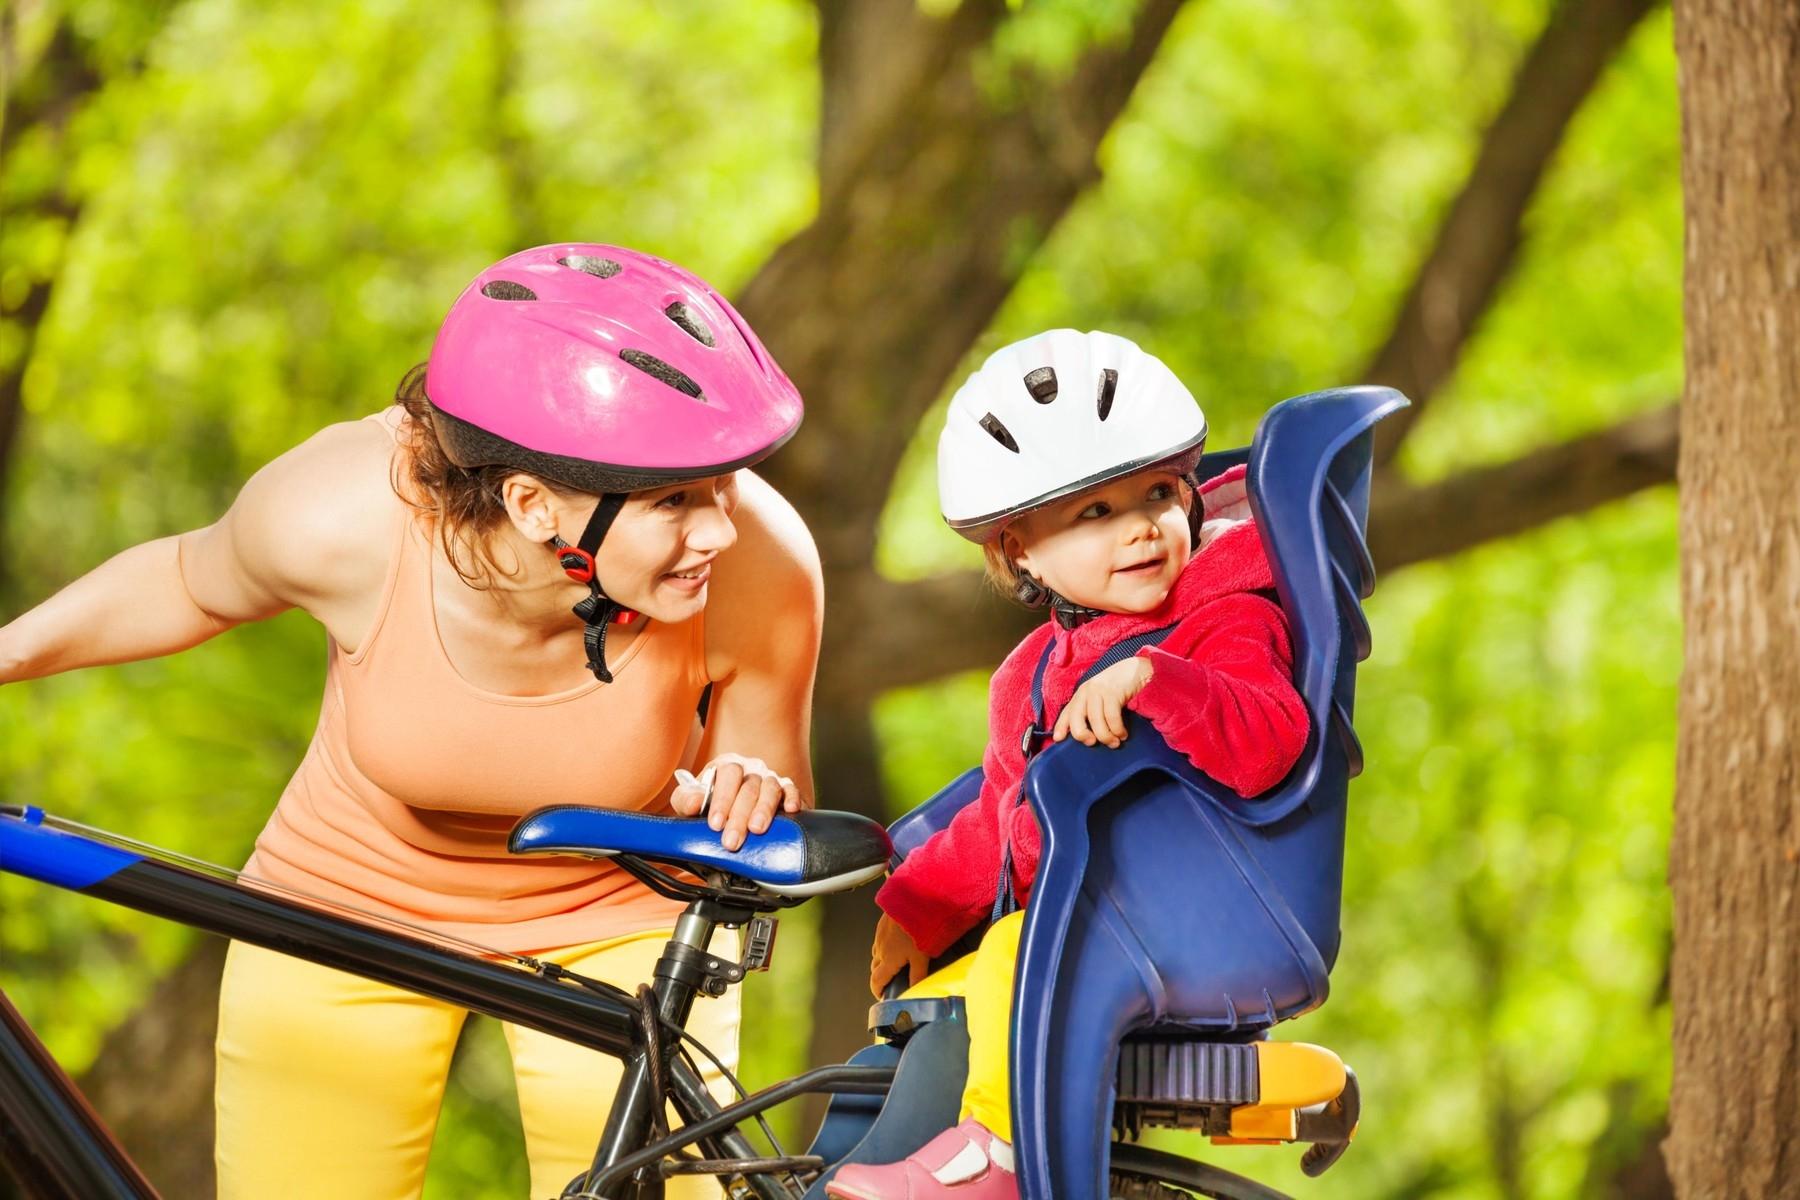 Zadní varianta uchycení dětské cyklosedačky. Foto: profimedia